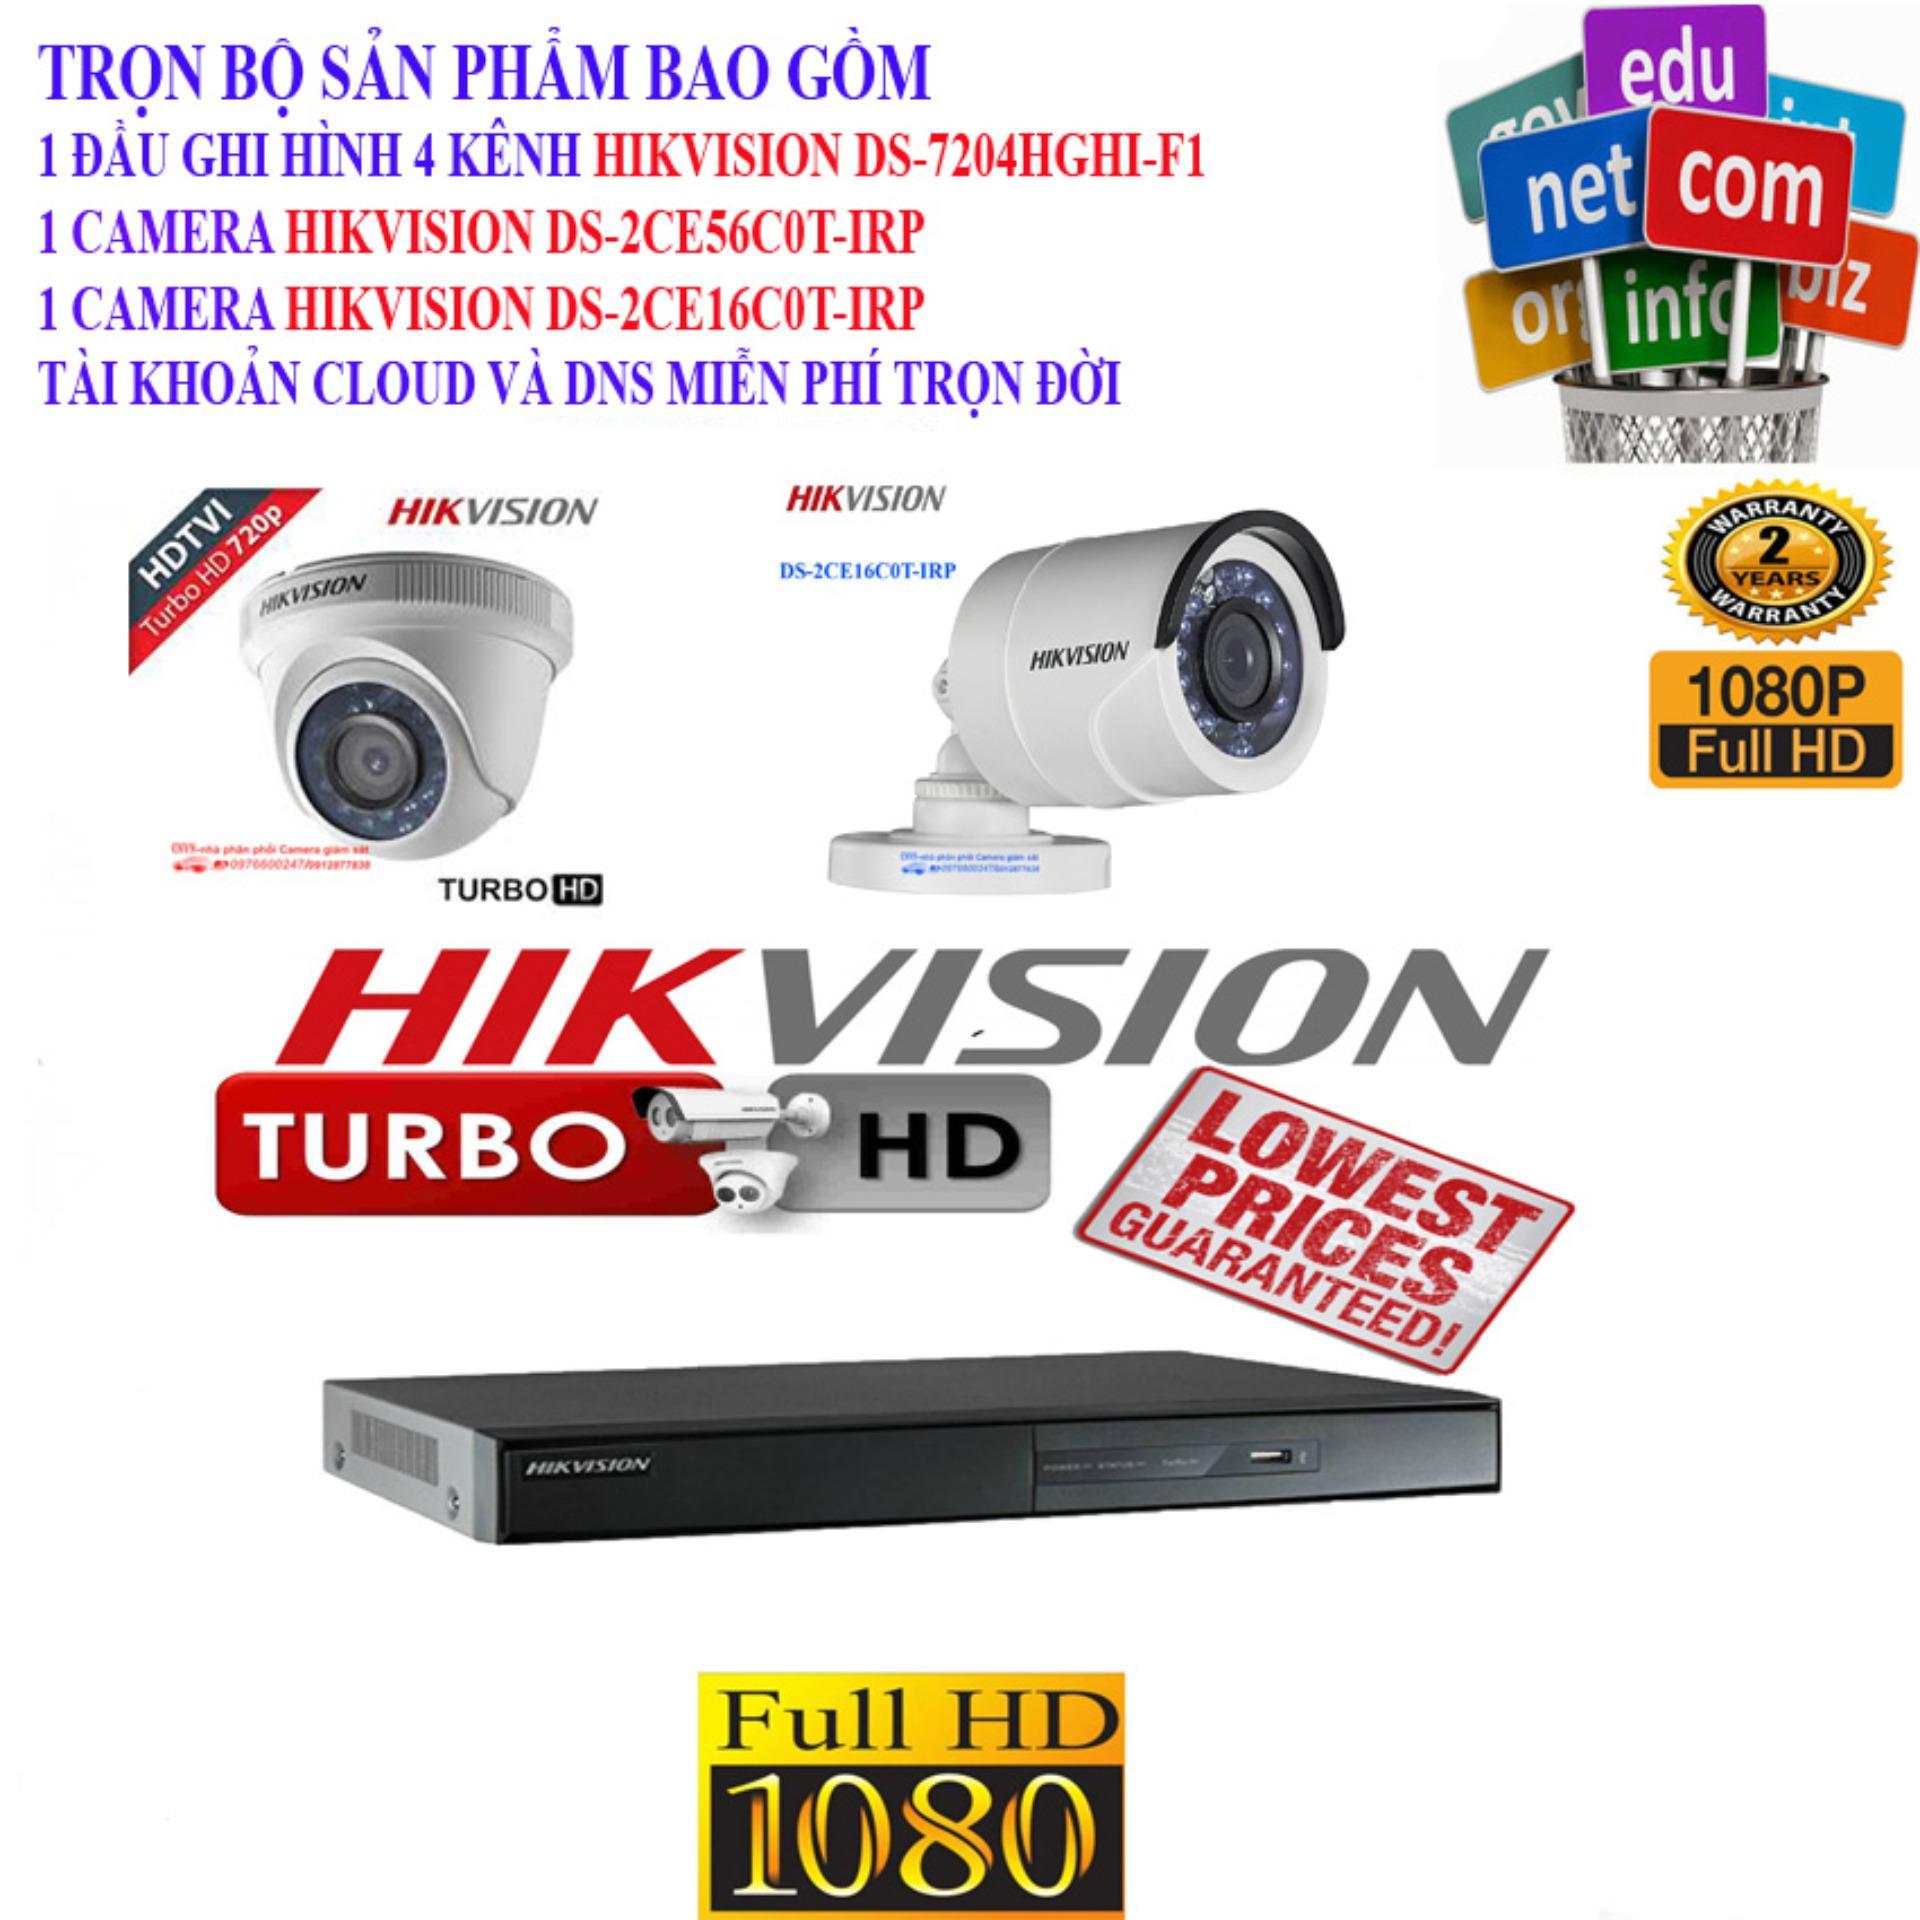 Combo 1 Đầu Ghi Hình 4 Kênh Hikvision Ds-7204Hghi-F1